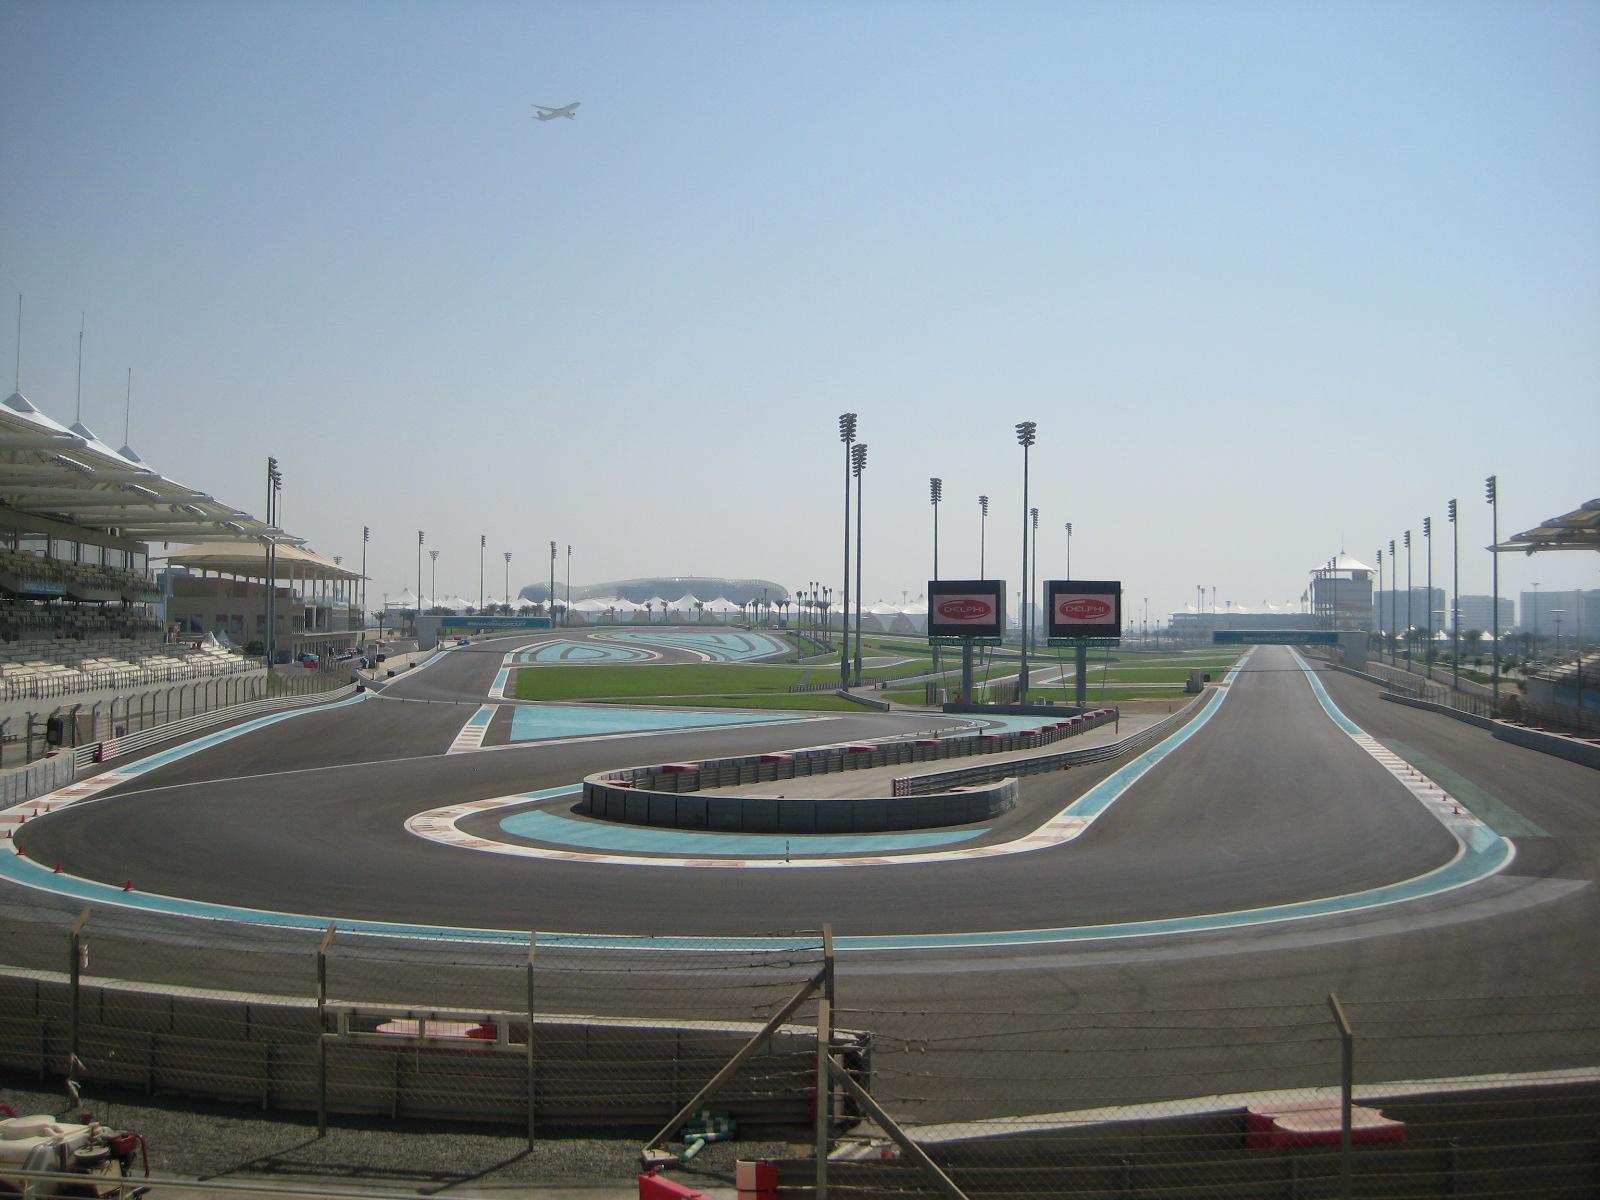 Formel 1 Rennstrecke in Abu Dhabi